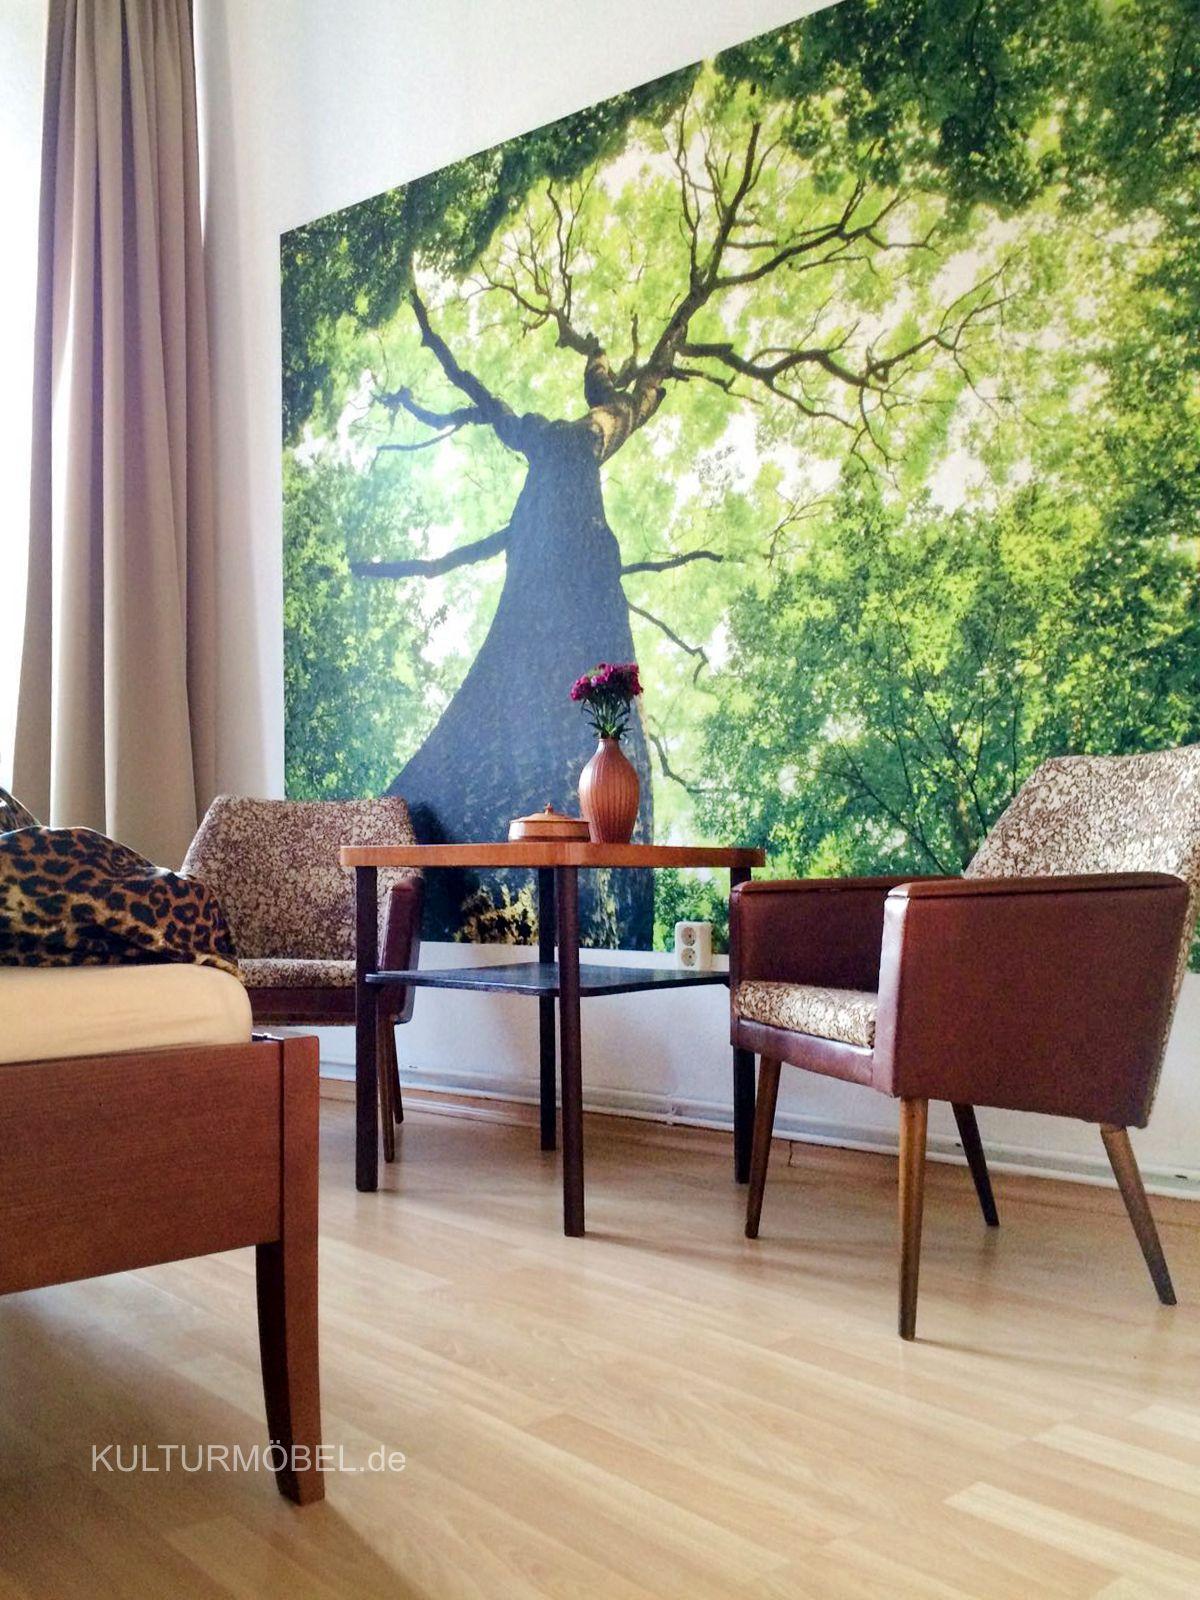 Im neuen Zuhause bei Alberto in Halle an der Saale angekommen... die Armlehnsessel mit floralem Muster und der Beistelltisch mit Intarsien aus den 60ern. Blumen, Bäume, Sonnenlicht - da muss man gar nicht mehr rausgehen. ❤️